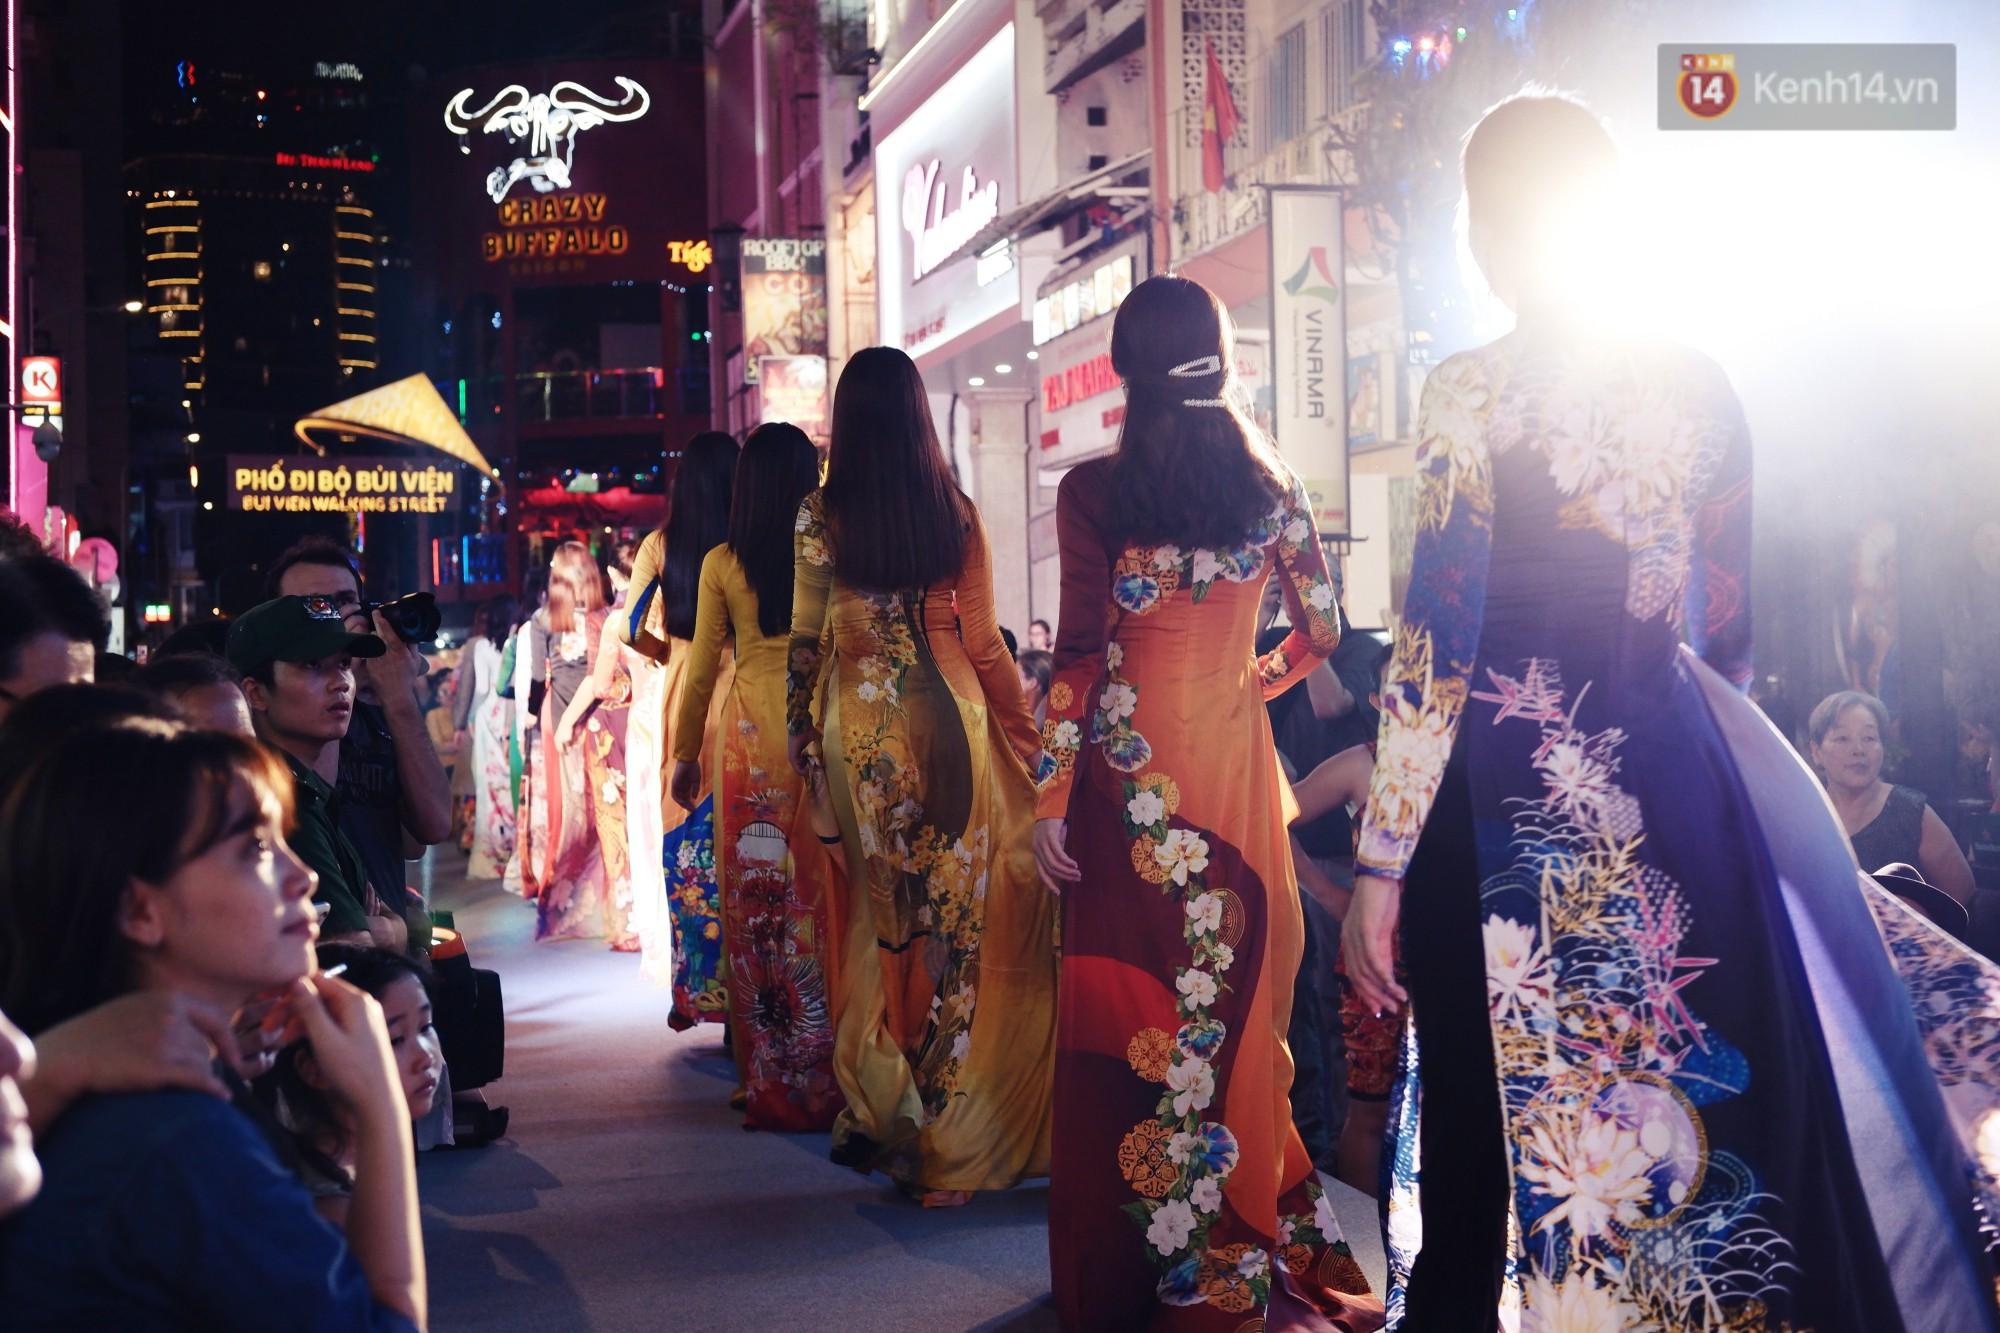 Phố đi bộ Bùi Viện náo nhiệt với màn trình diễn áo dài ấn tượng, du khách nước ngoài thích thú chiêm ngưỡng - Ảnh 7.